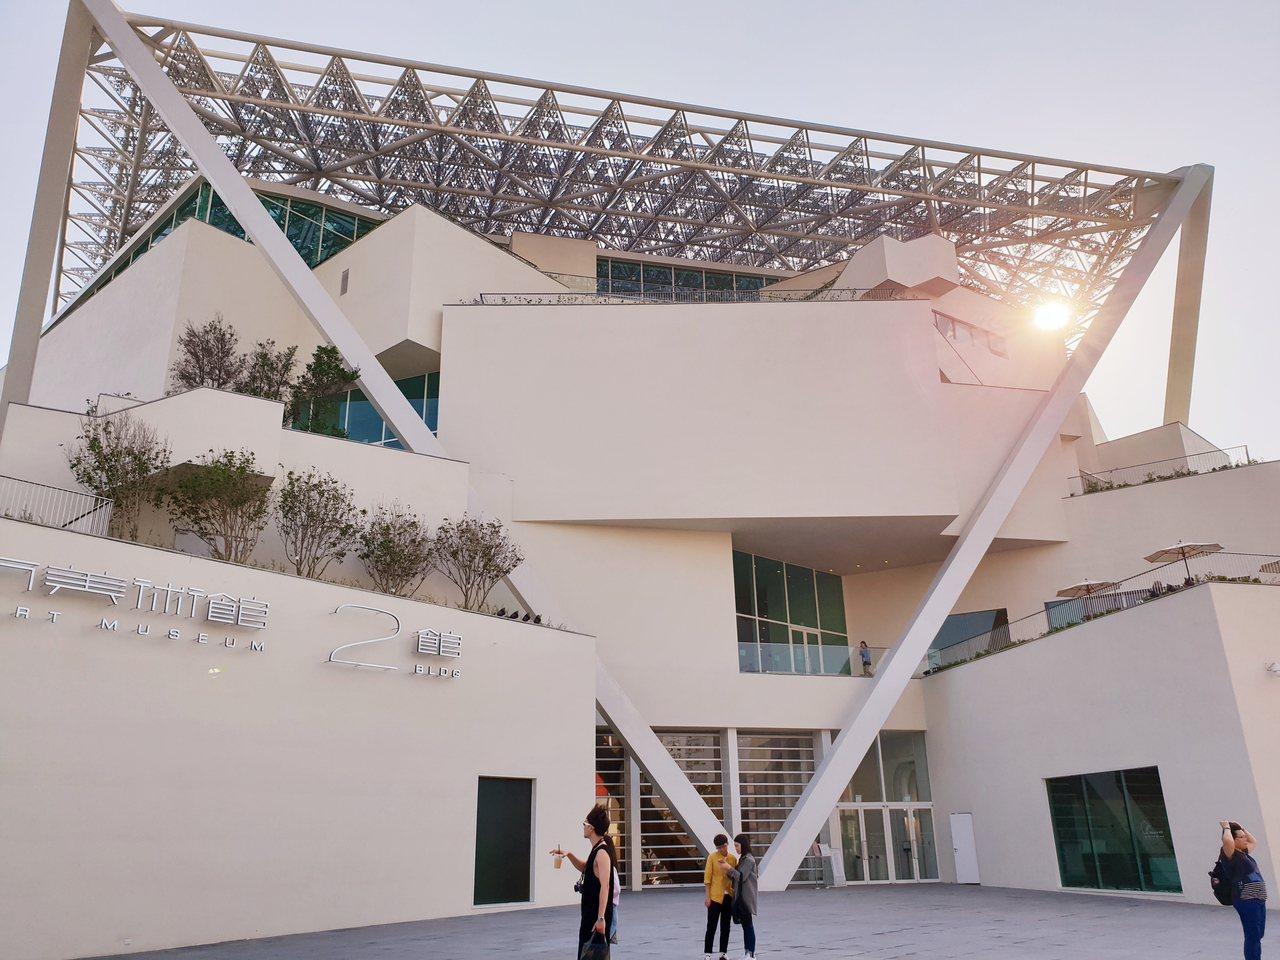 過去公共建築往往只有國際標才能採最有利標,藝文採購法草案擬讓更多建築設計也可採最...